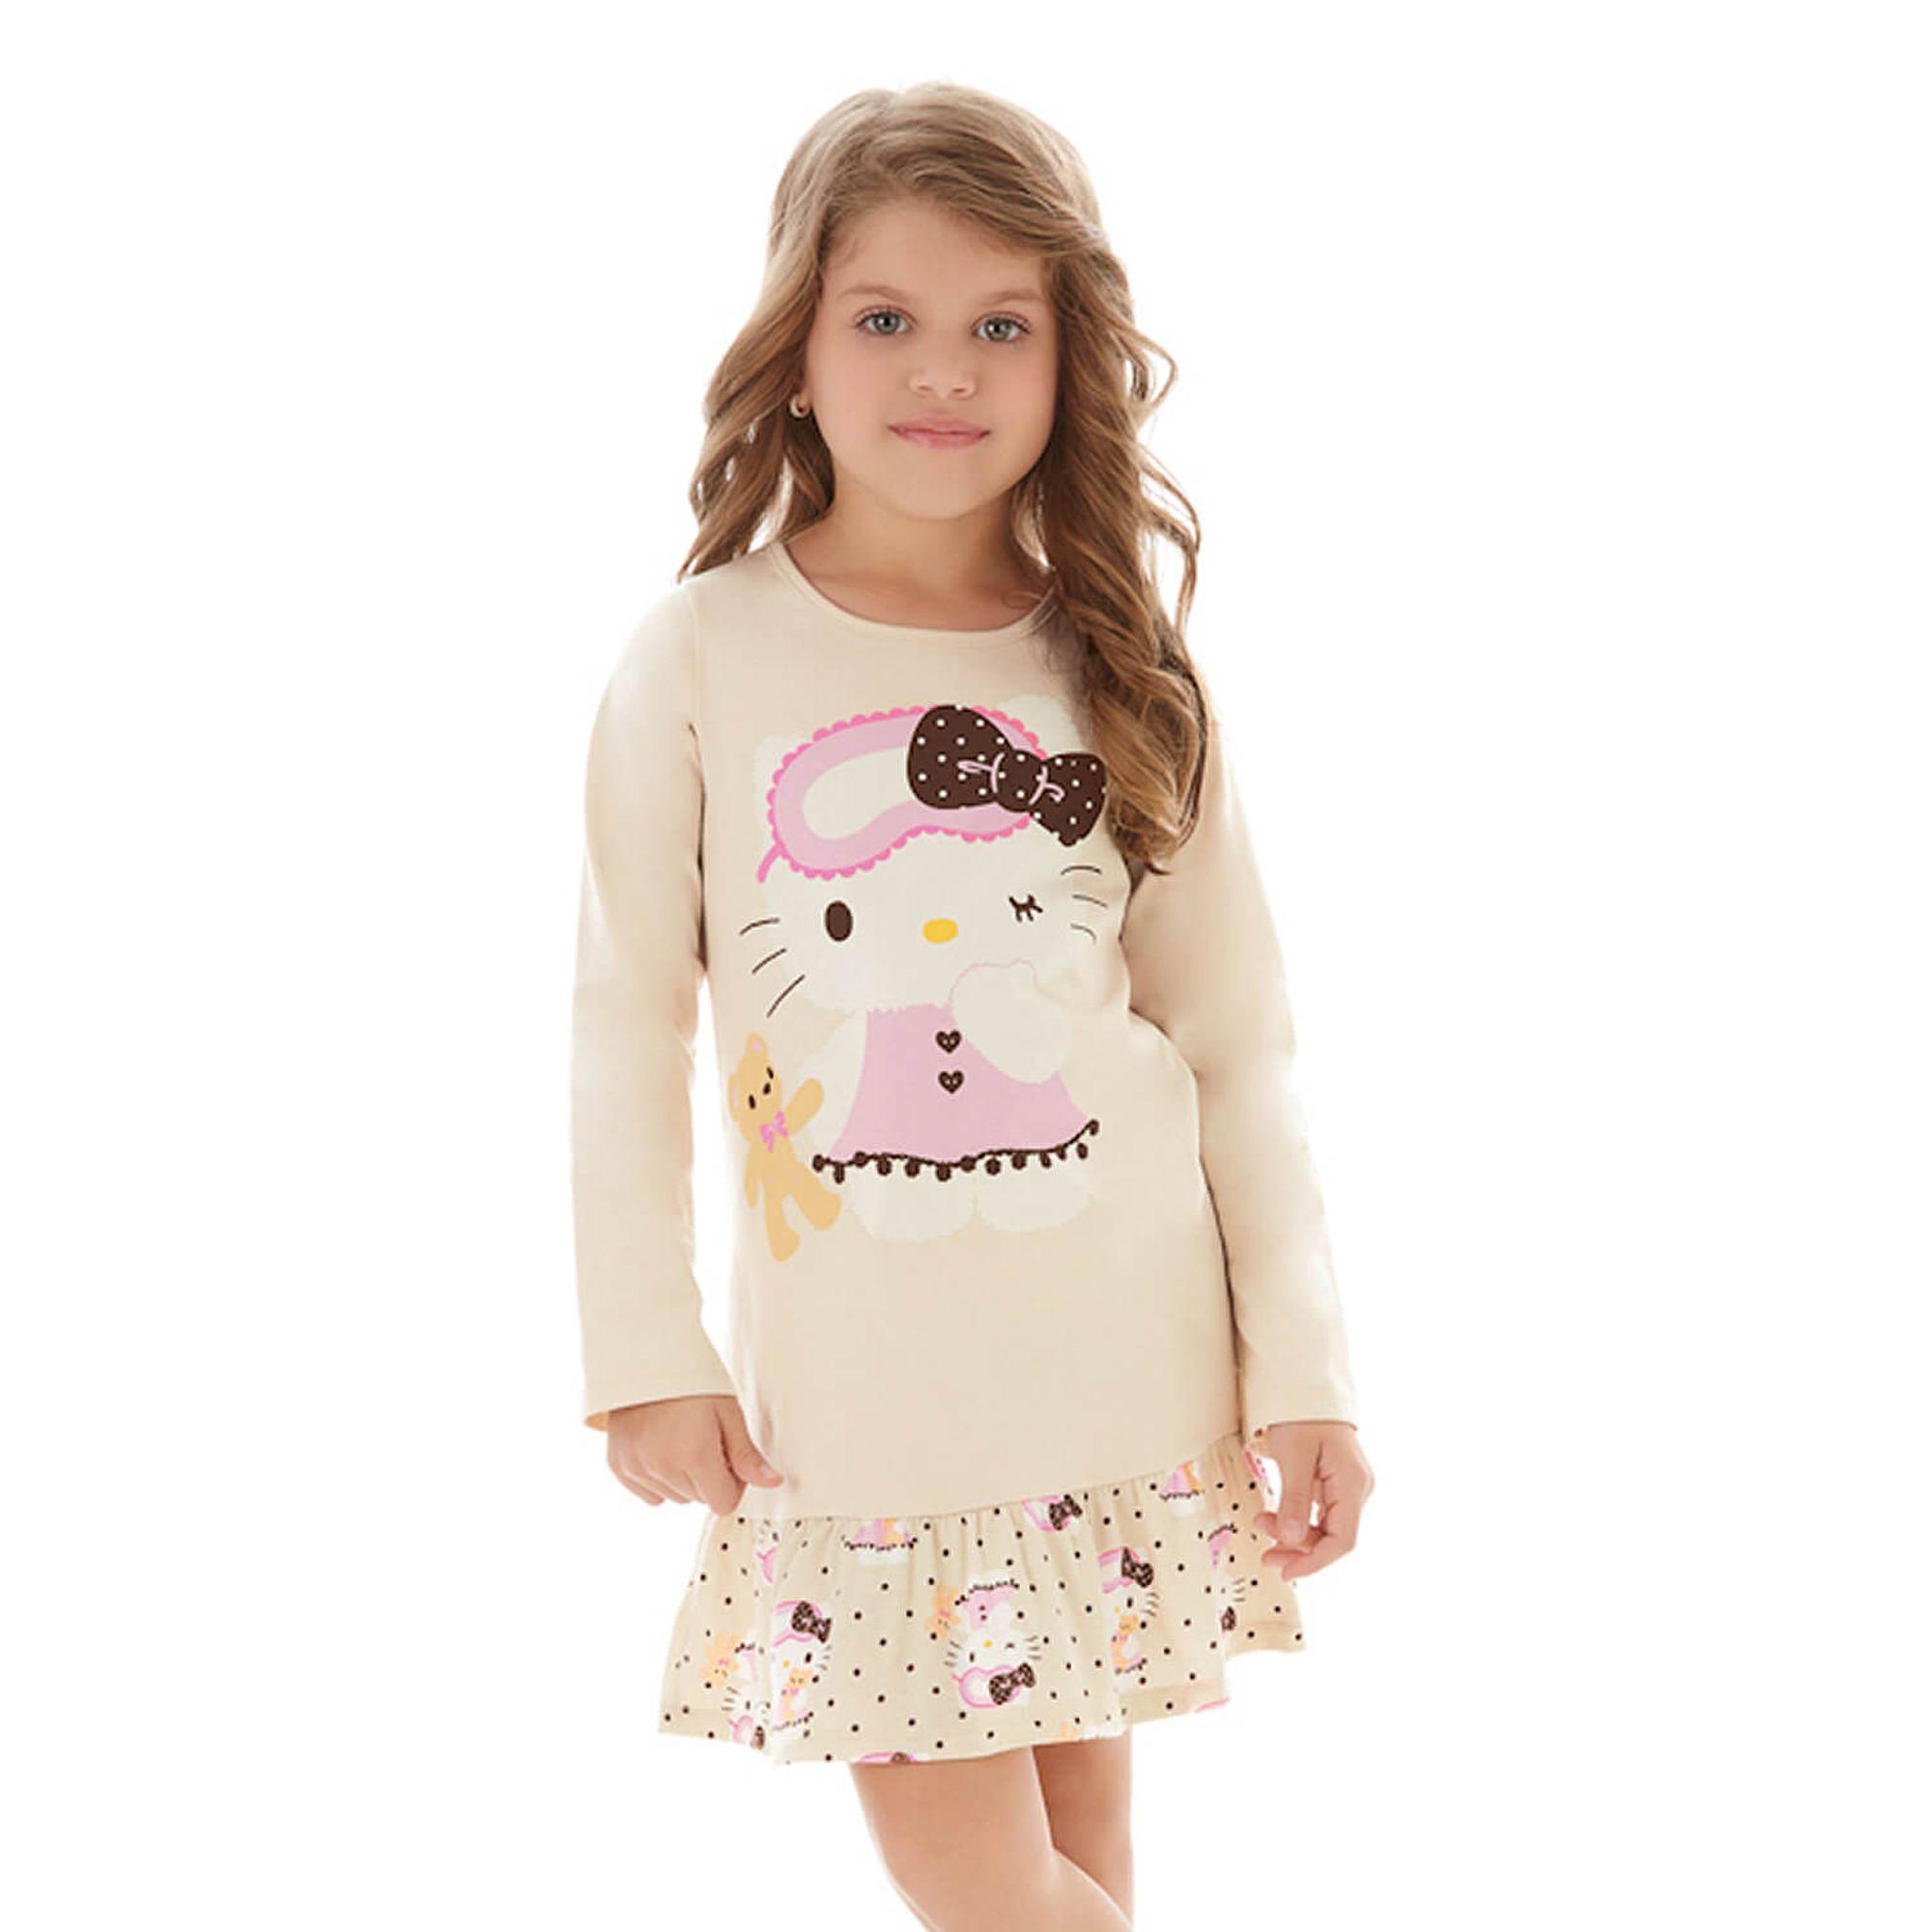 c7eacac2e Camisola Infantil Manga Longa Hello Kitty com Ursinho Bege - EcaMeleca